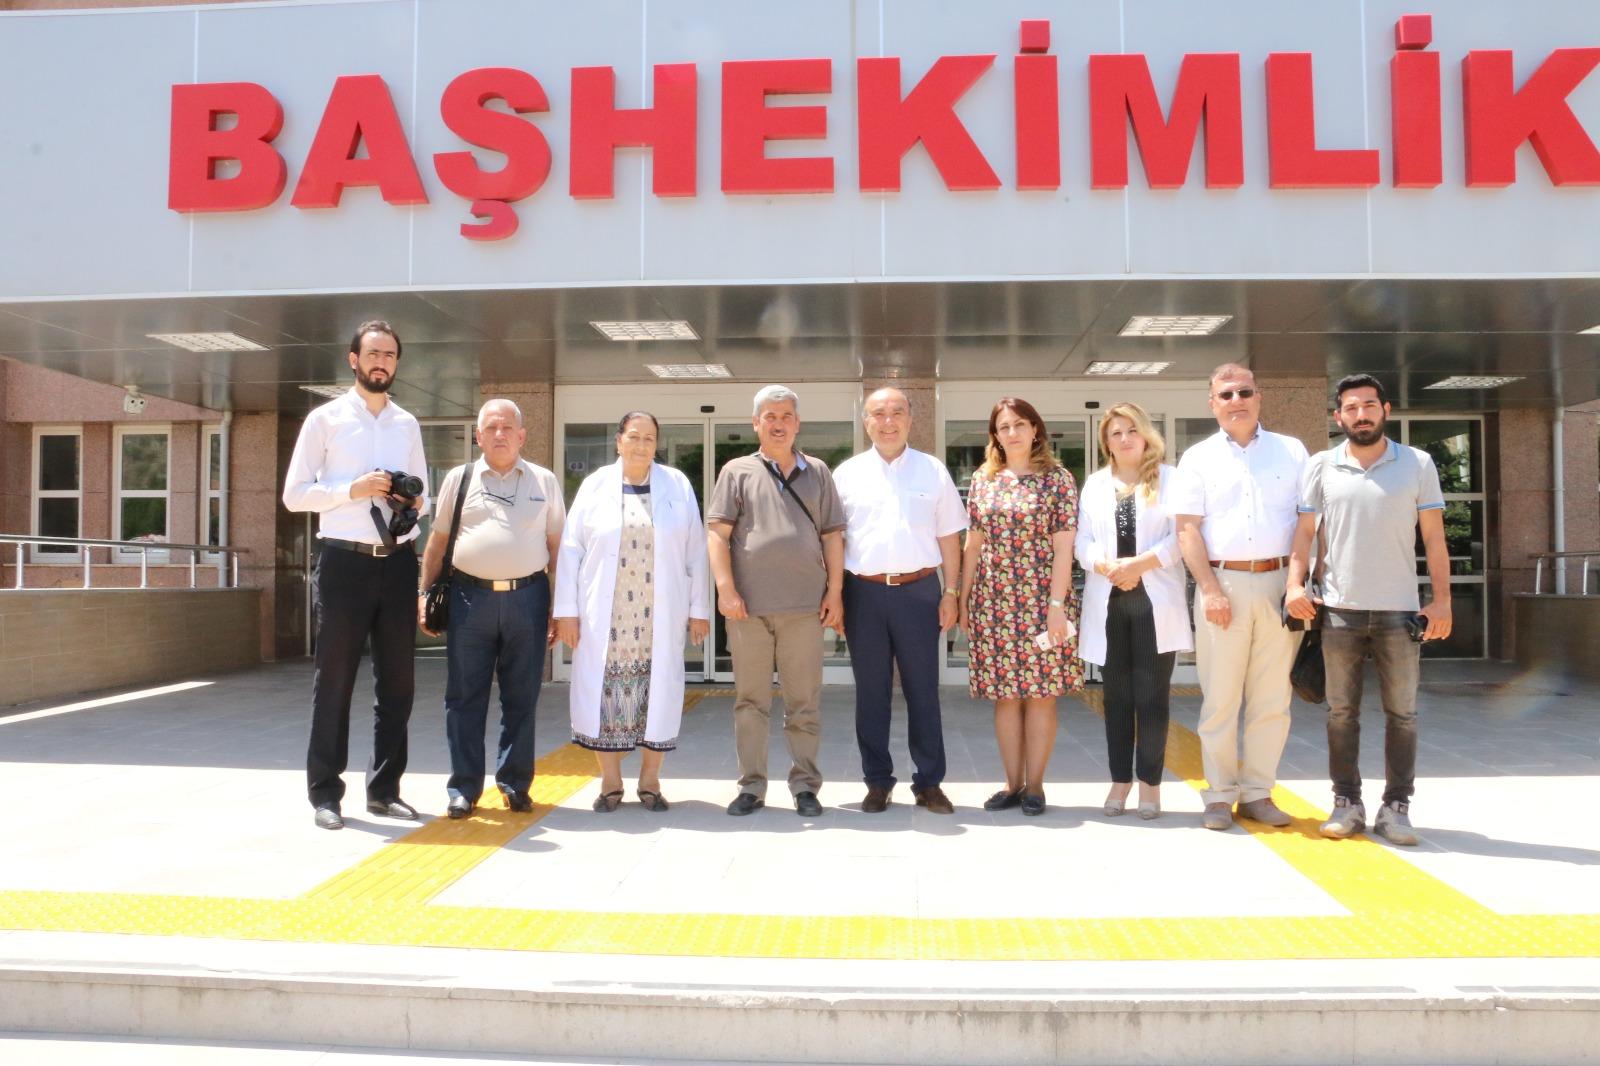 Nahçıvan Devlet Üniversitesi Tıp Fakültesinden Öğrenciler Tıp Fakültemizde staj görmek üzere ilimize geldiler.